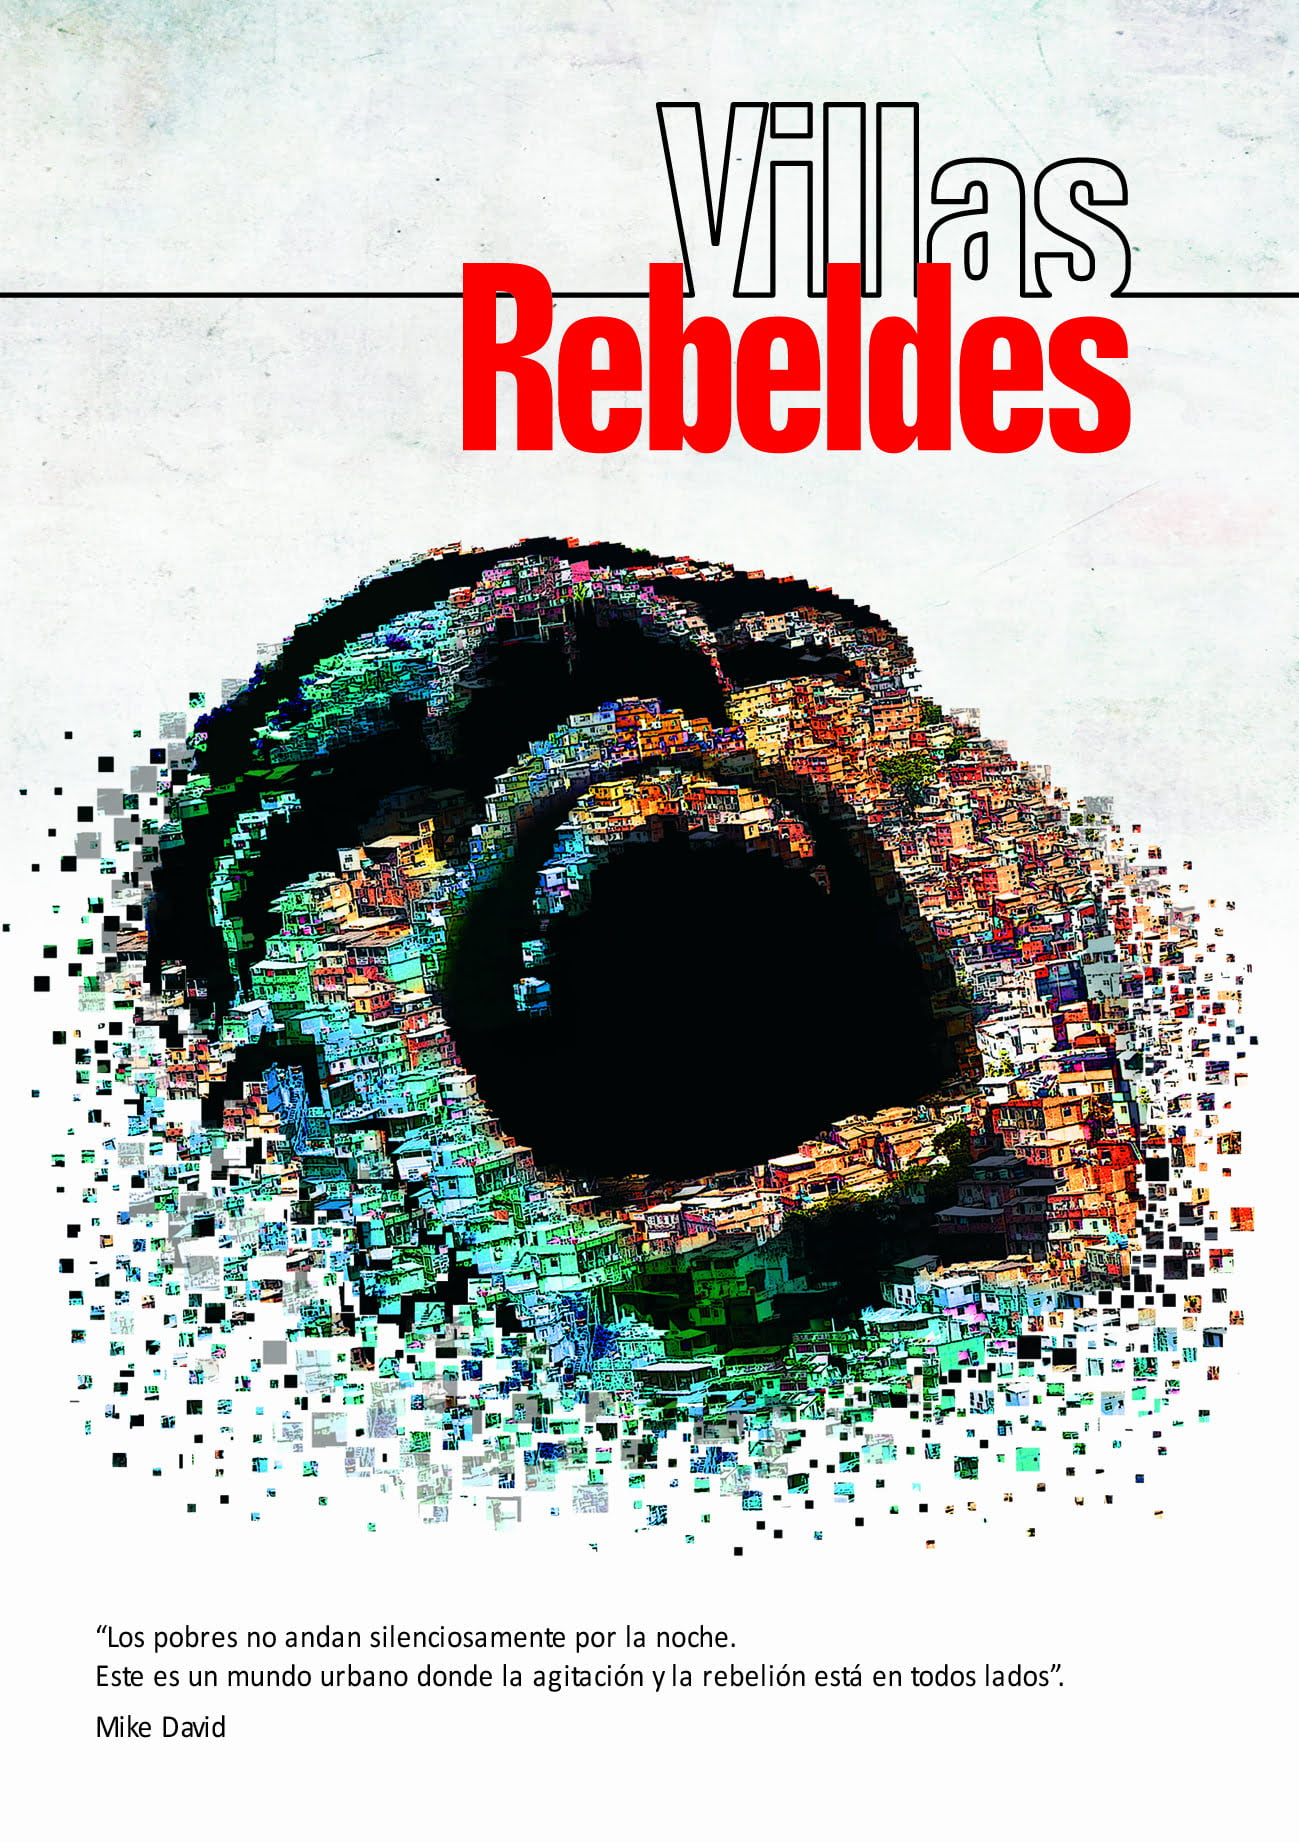 Villas Rebeldes: Apuntes sobre las organizaciones vecinales de la periferia urbana en Bolivia